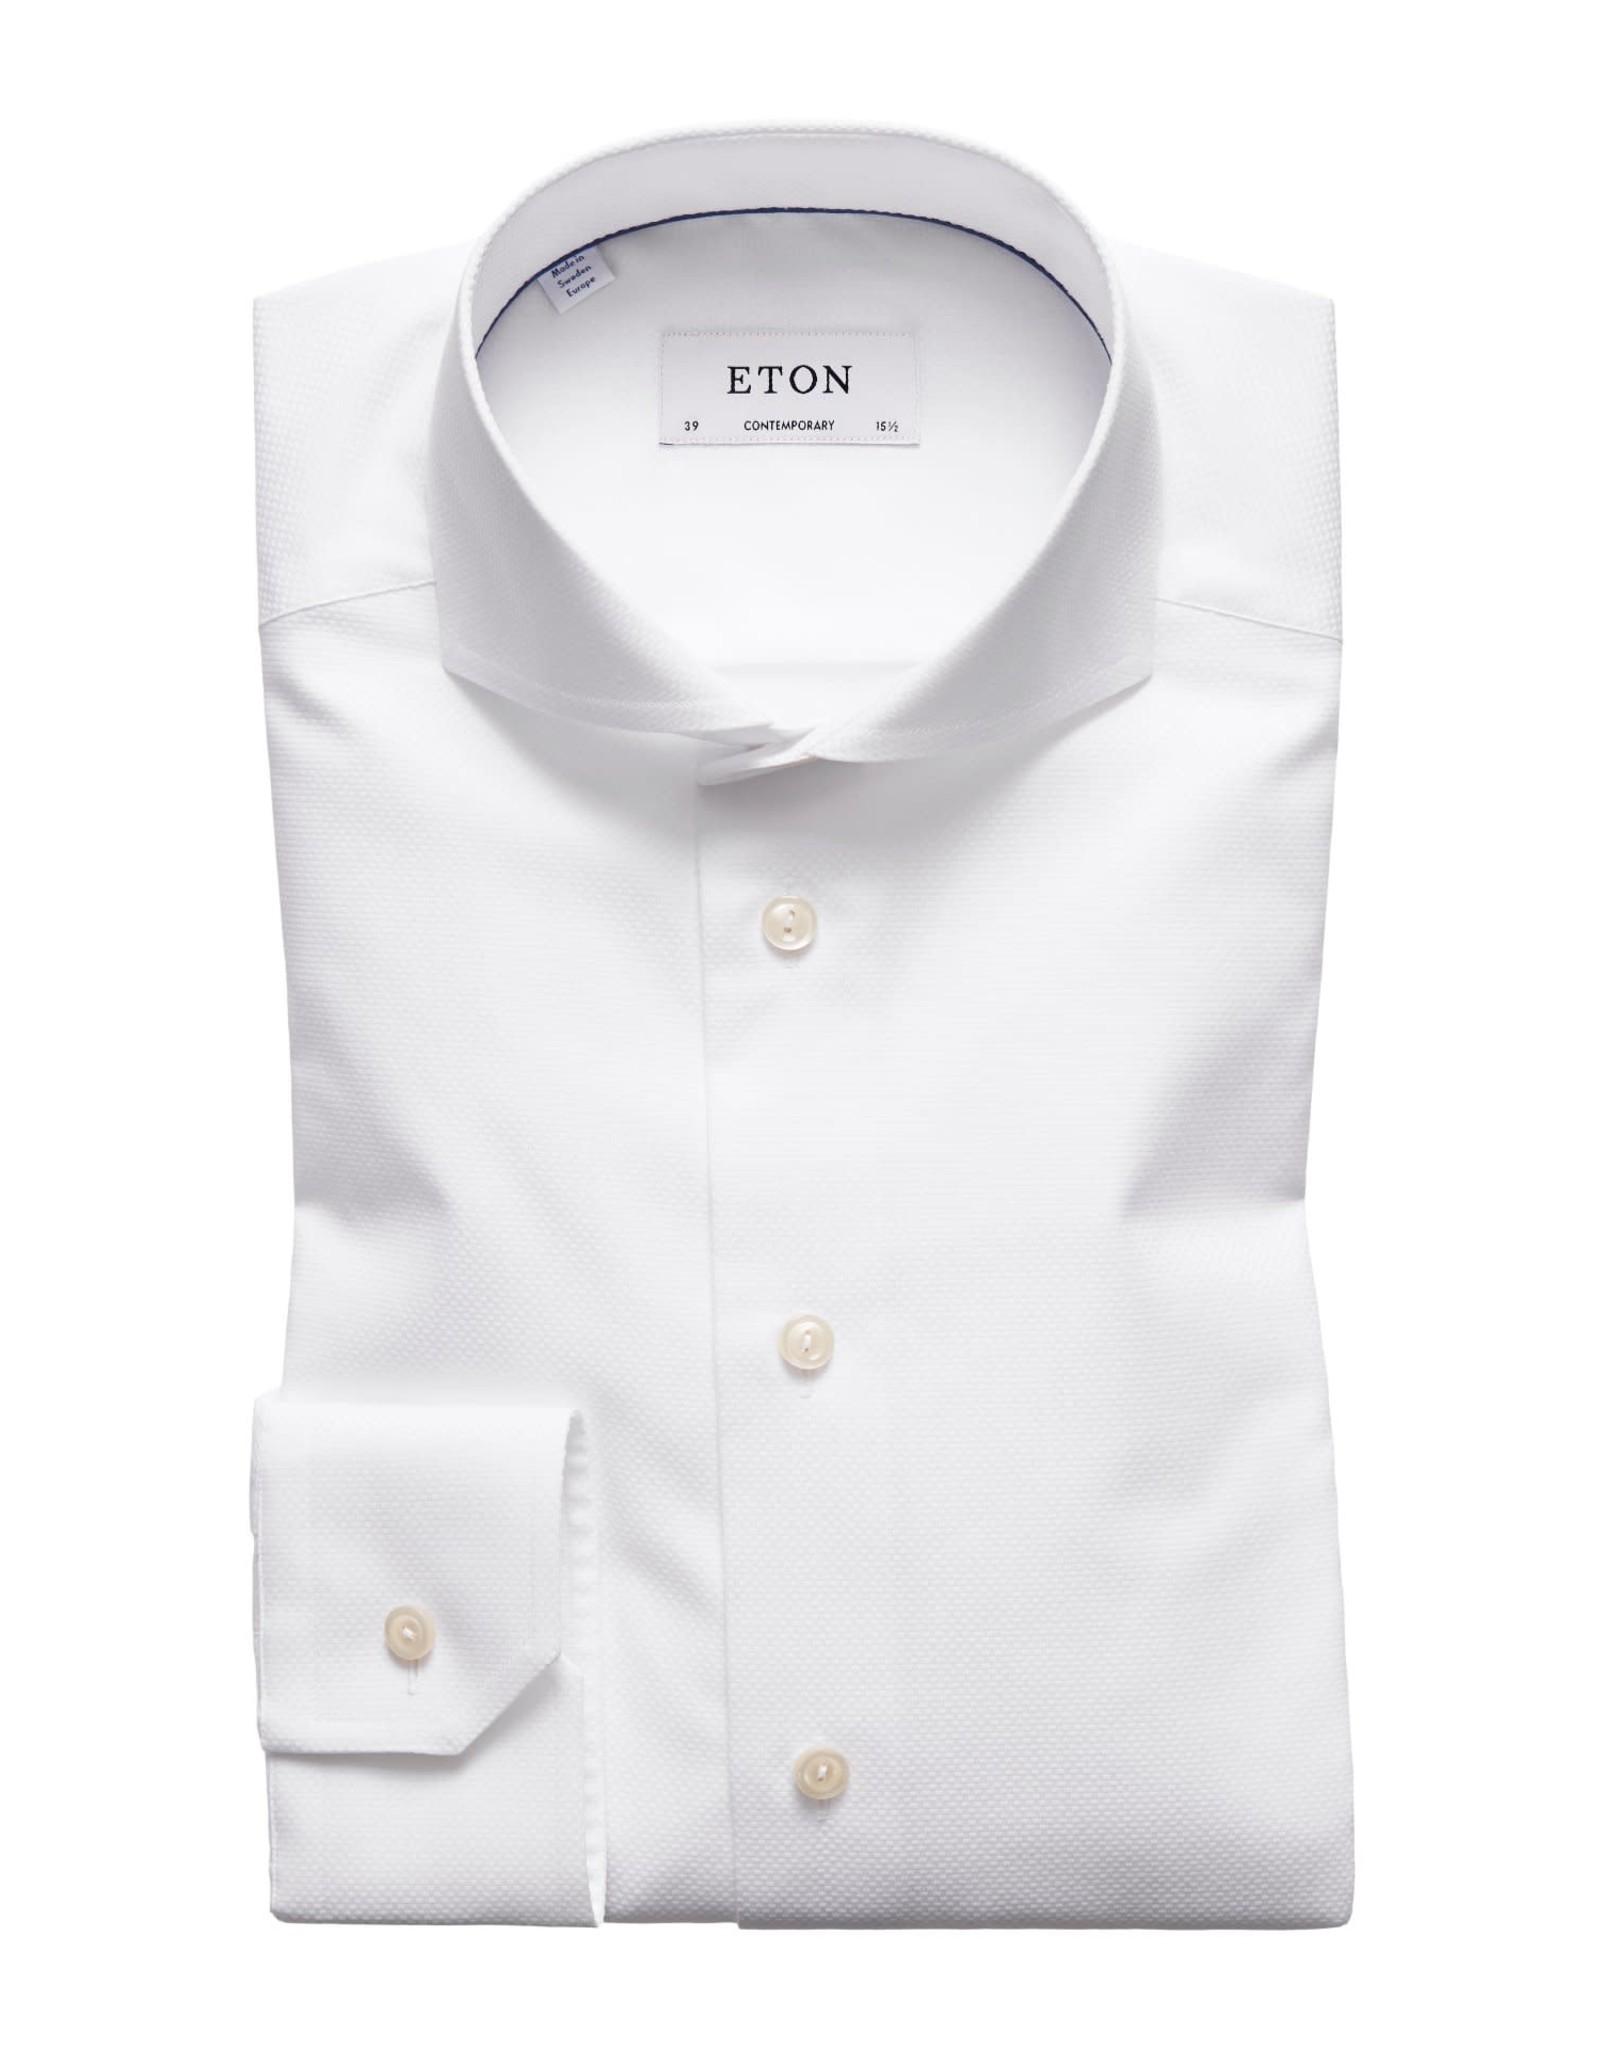 Eton Eton hemd wit slim 1025-73511/01